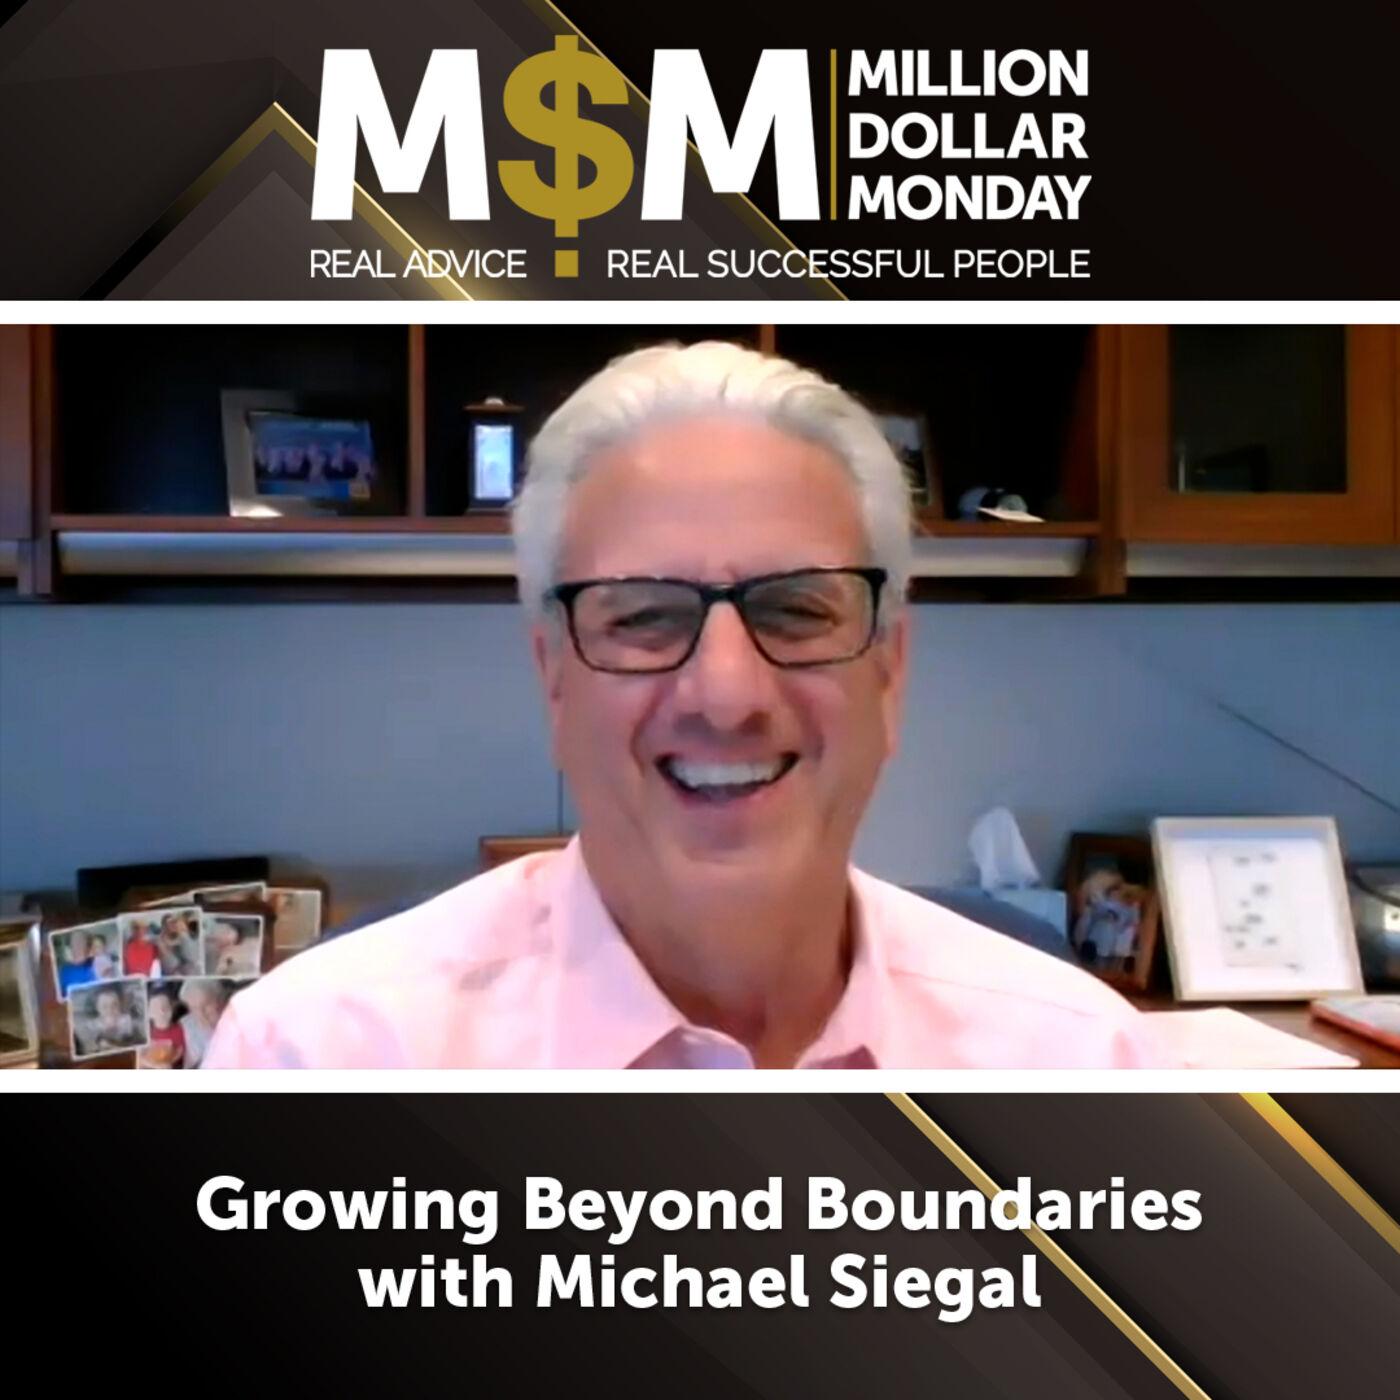 Growing Beyond Boundaries with Michael Siegal